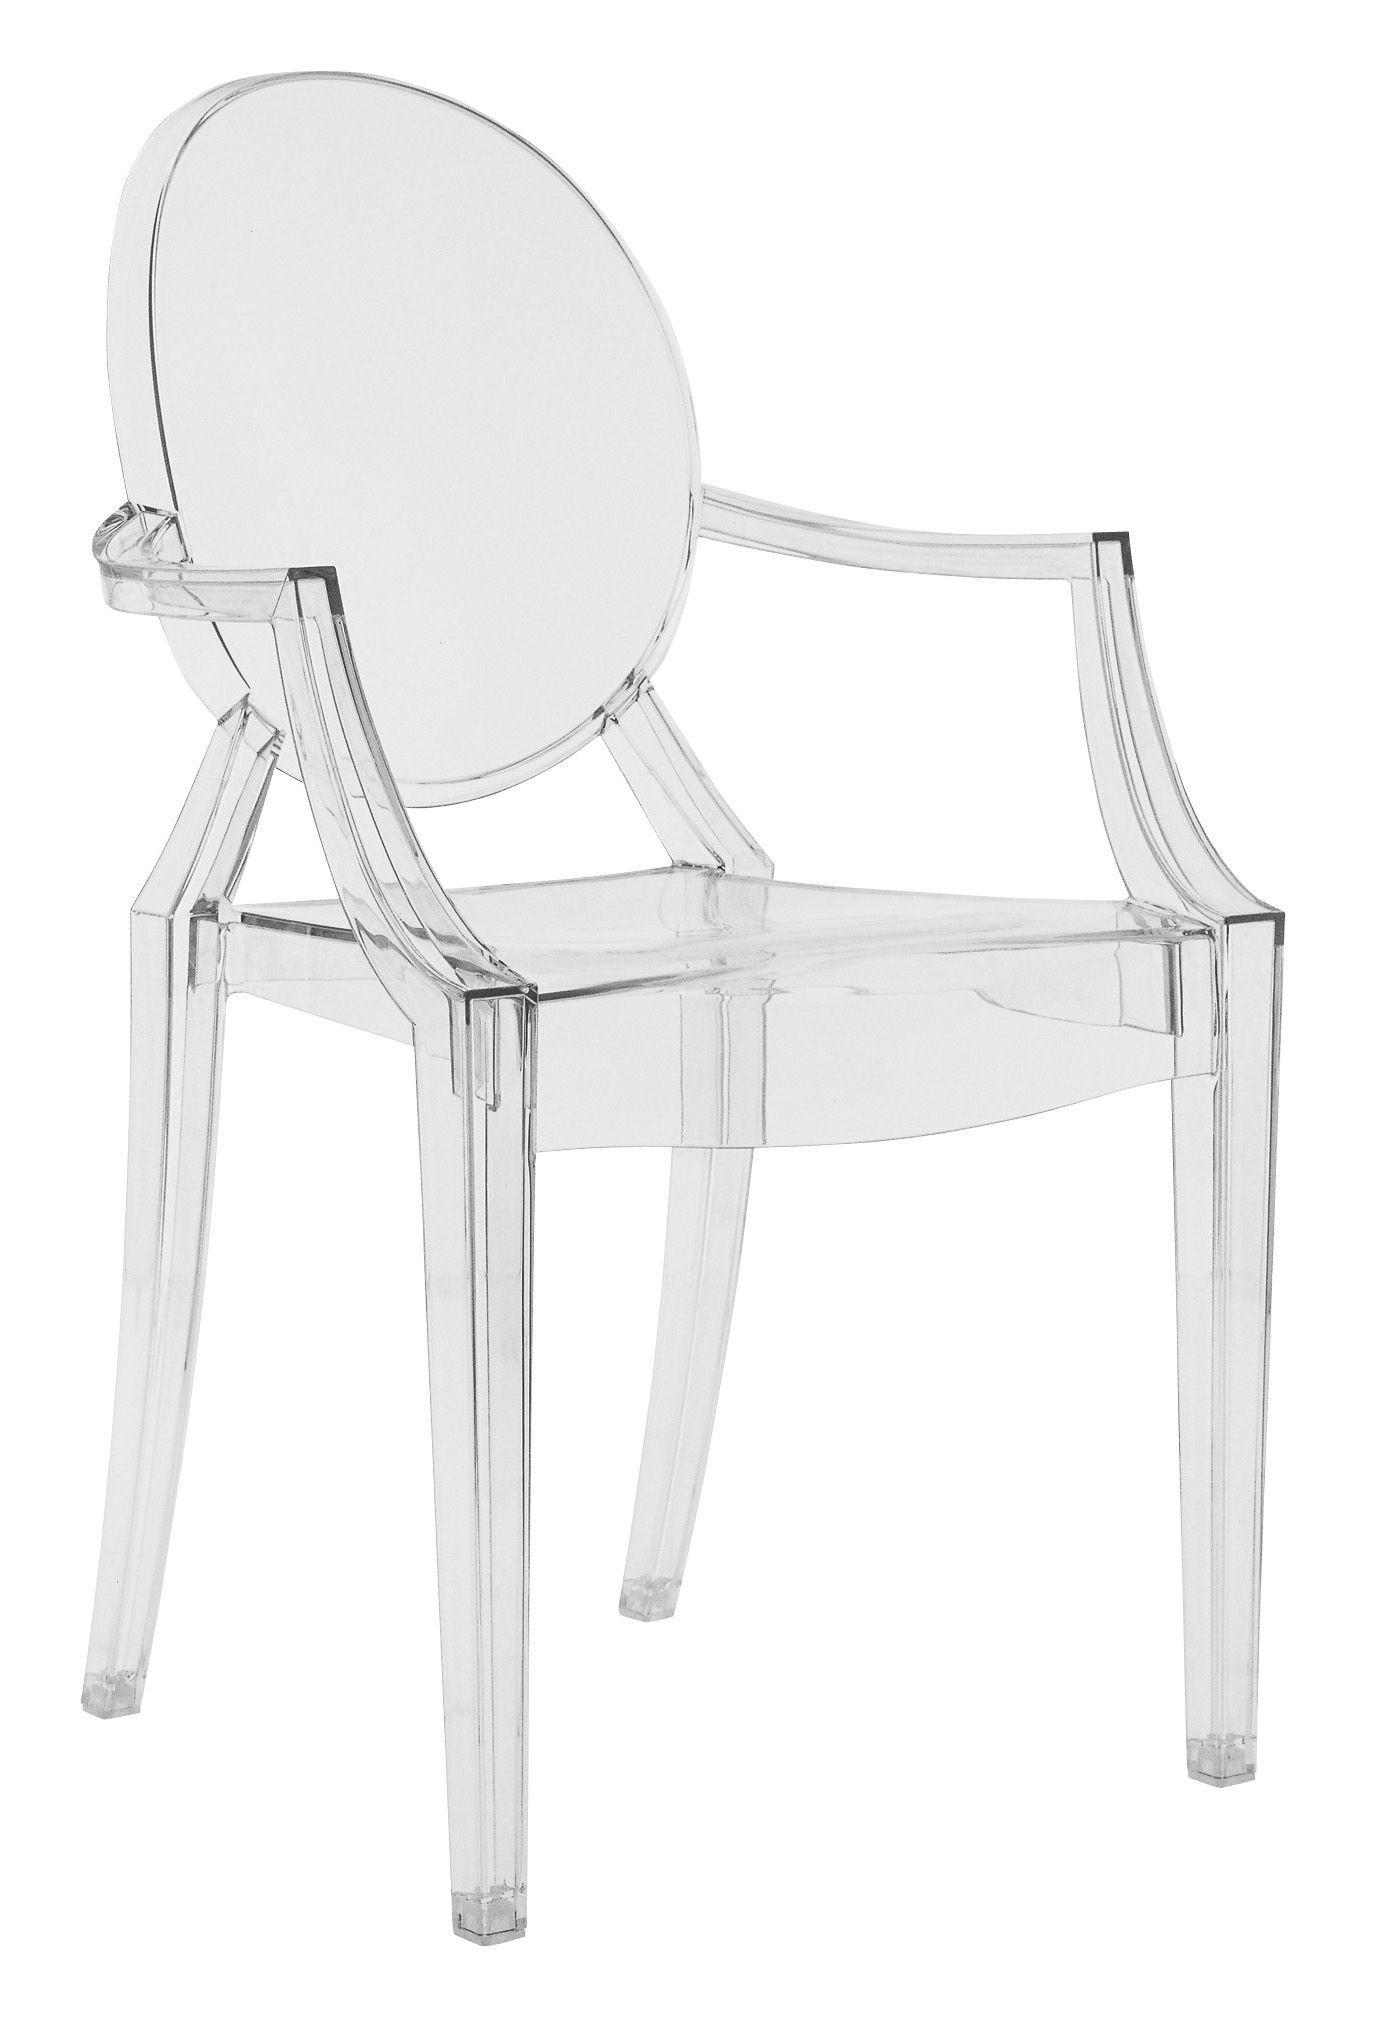 La bibliothèque à Design : Philippe Starck - Frenchy Fancy